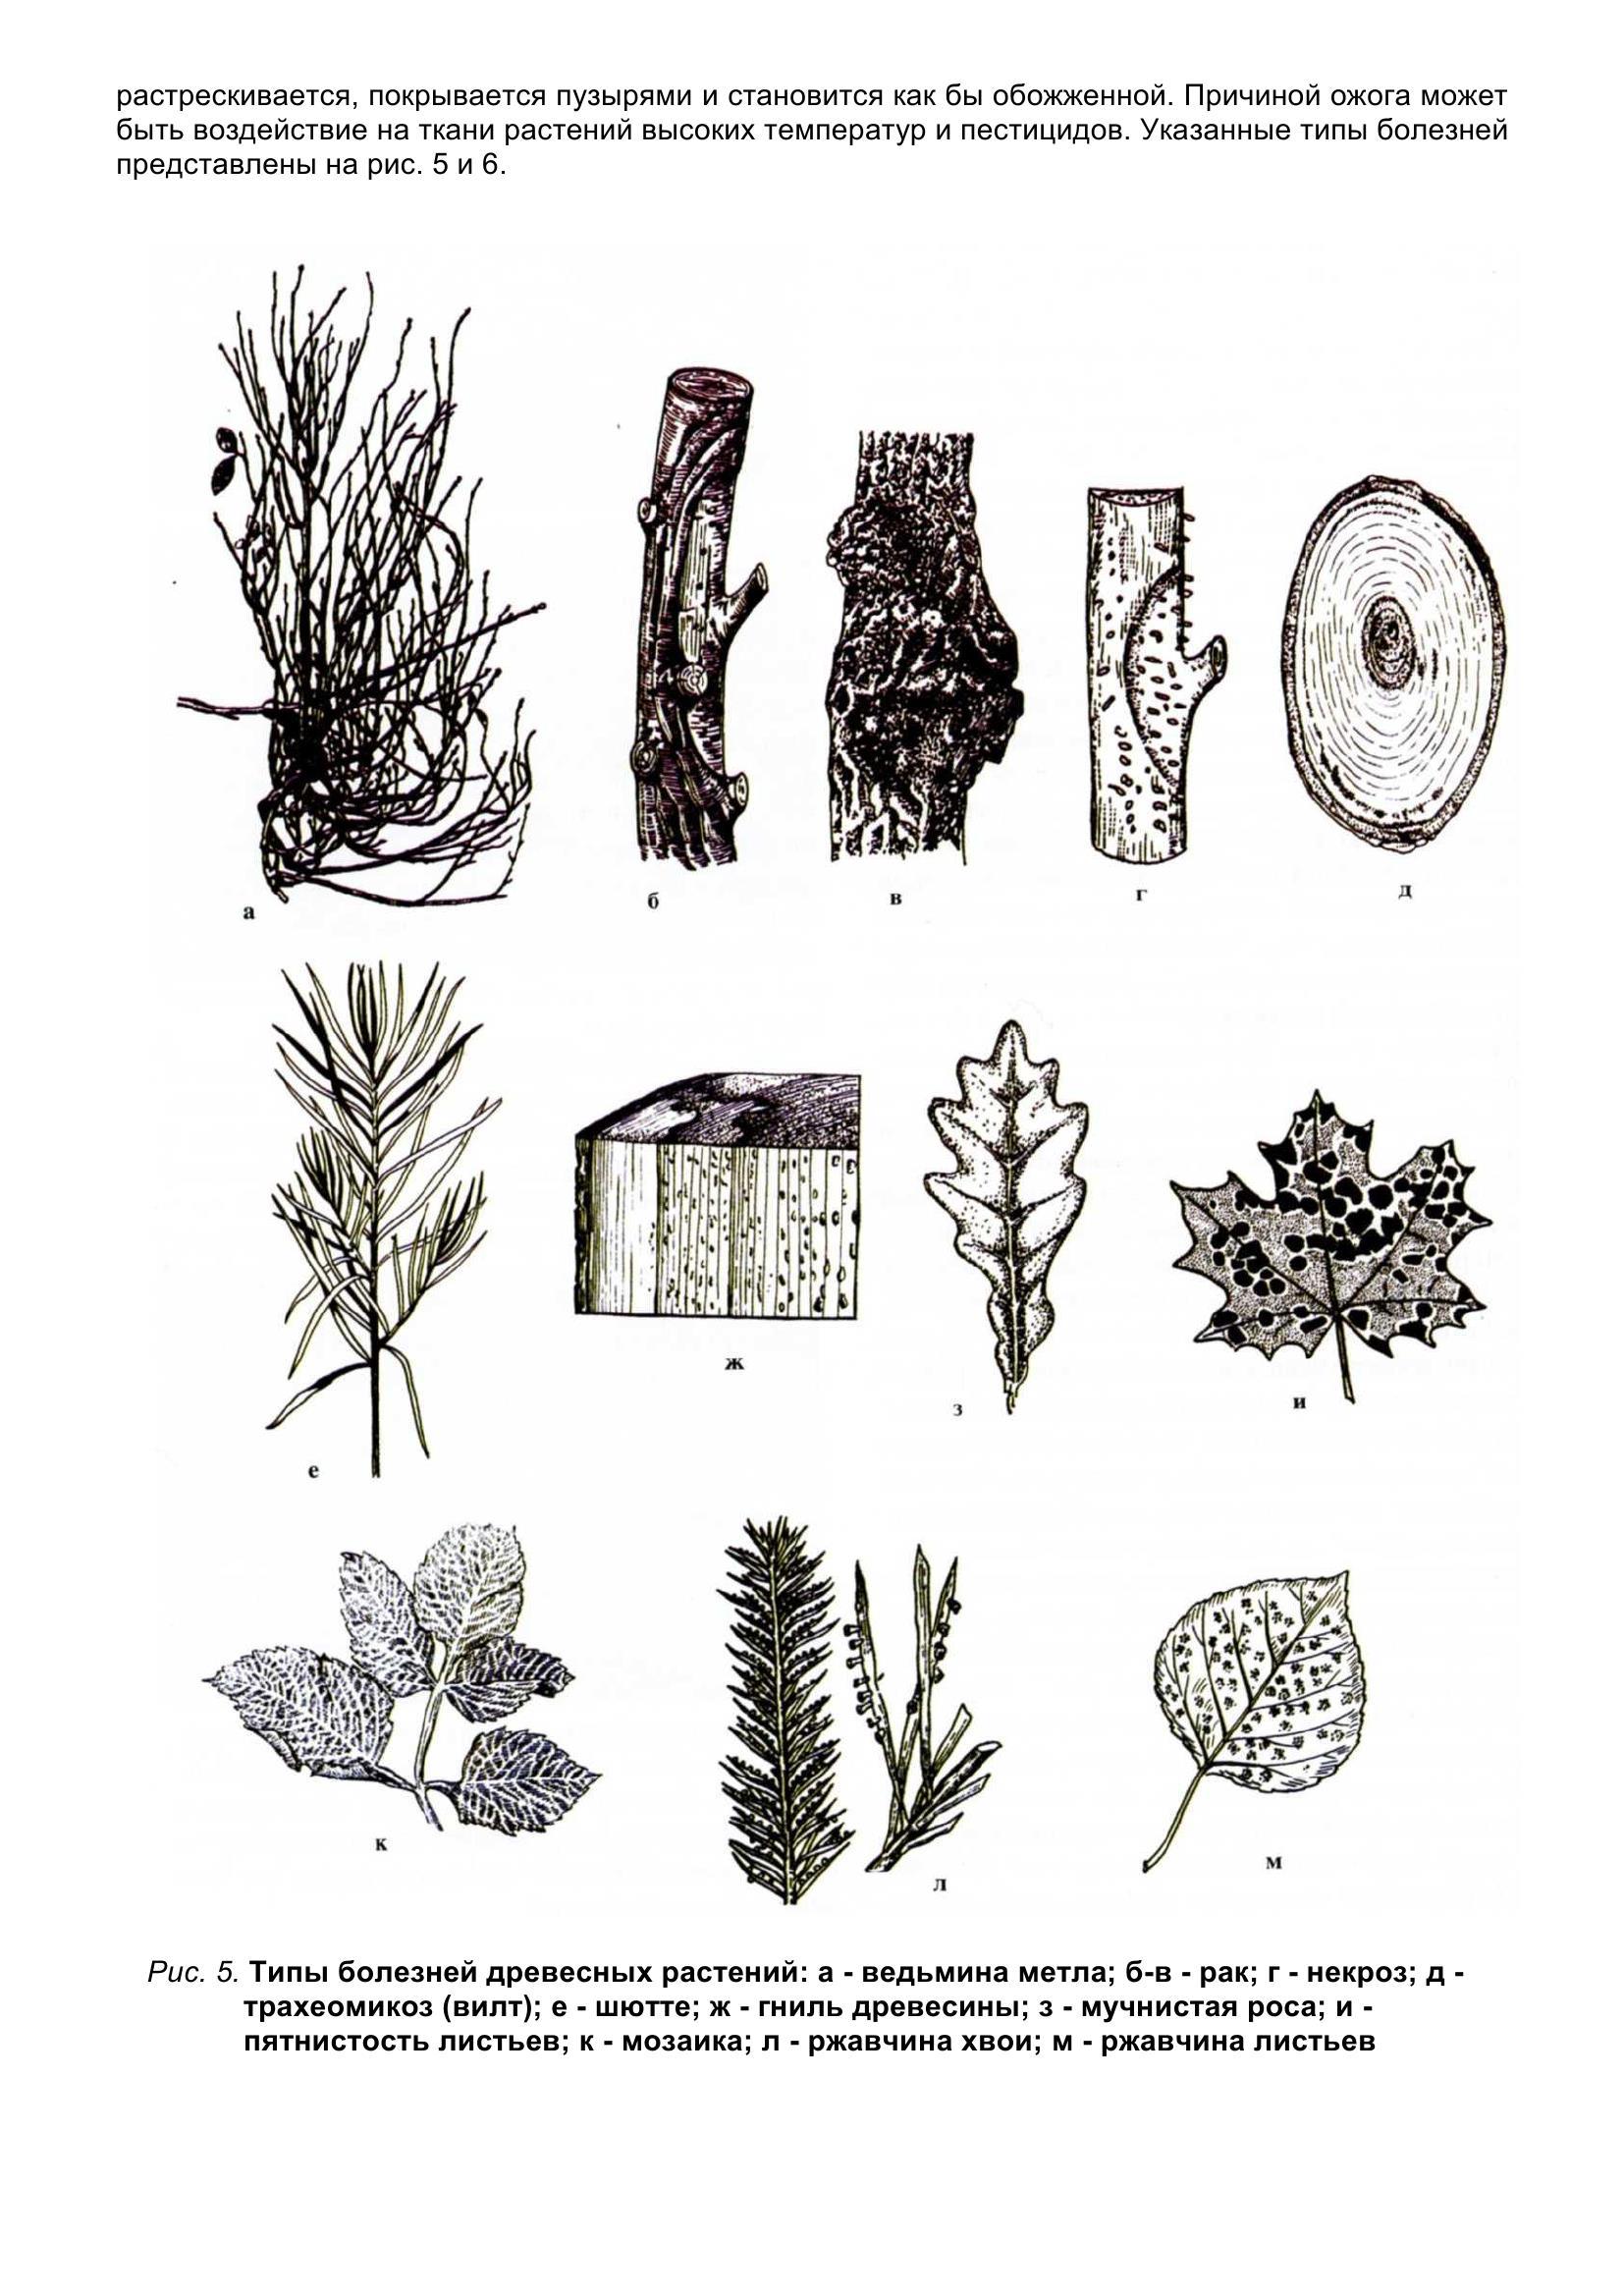 Болезни_древесных_растений_015.jpg